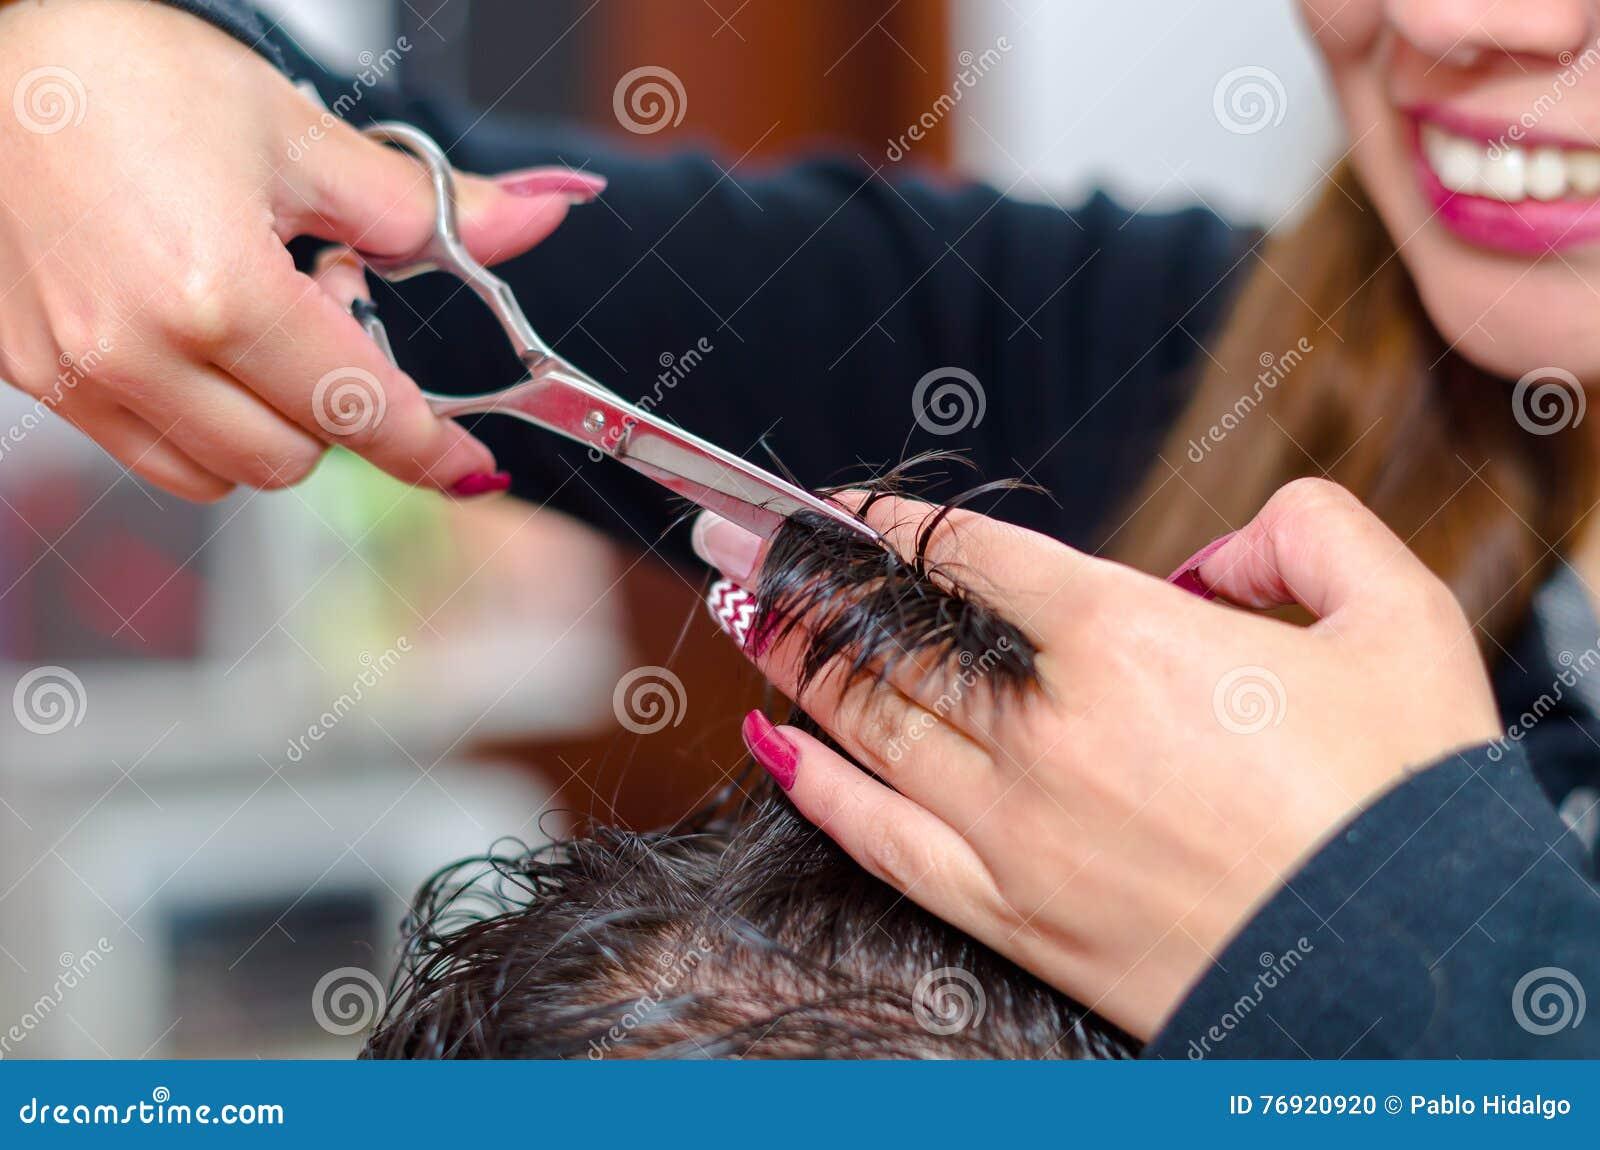 Come fare un taglio di capelli piacevole, capelli fra le dita e le forbici